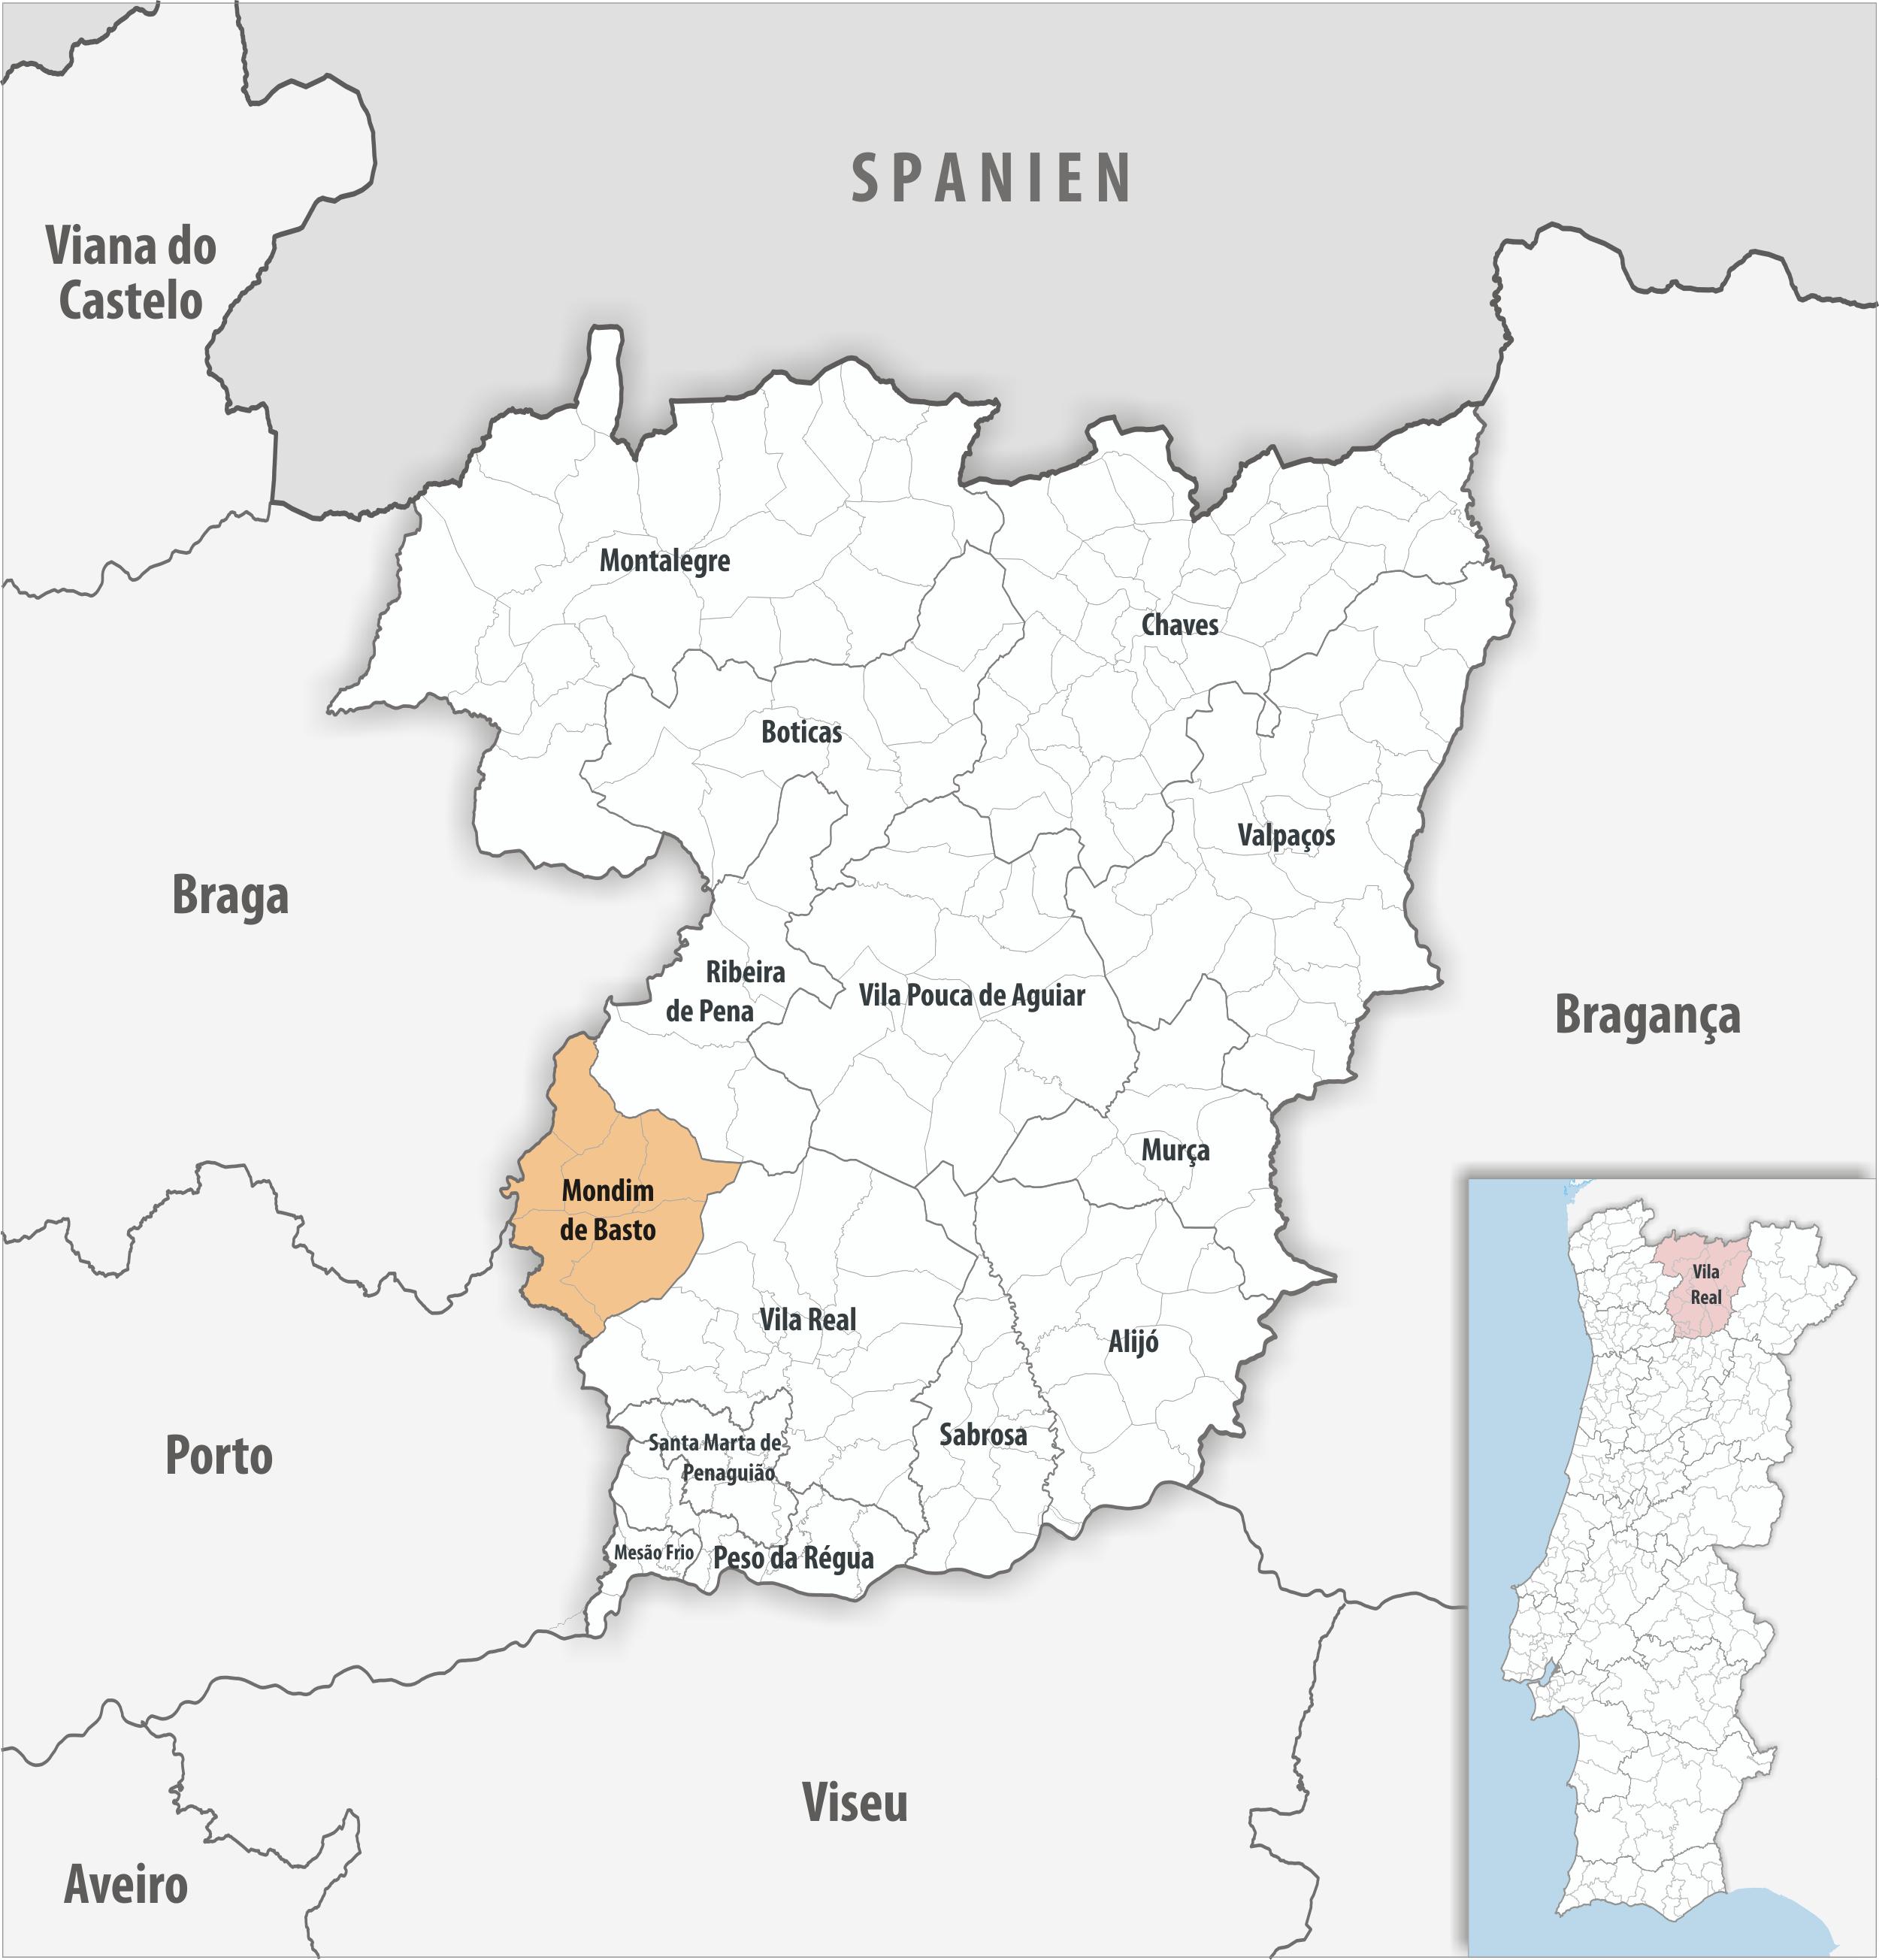 Mondim de Basto - Mapa